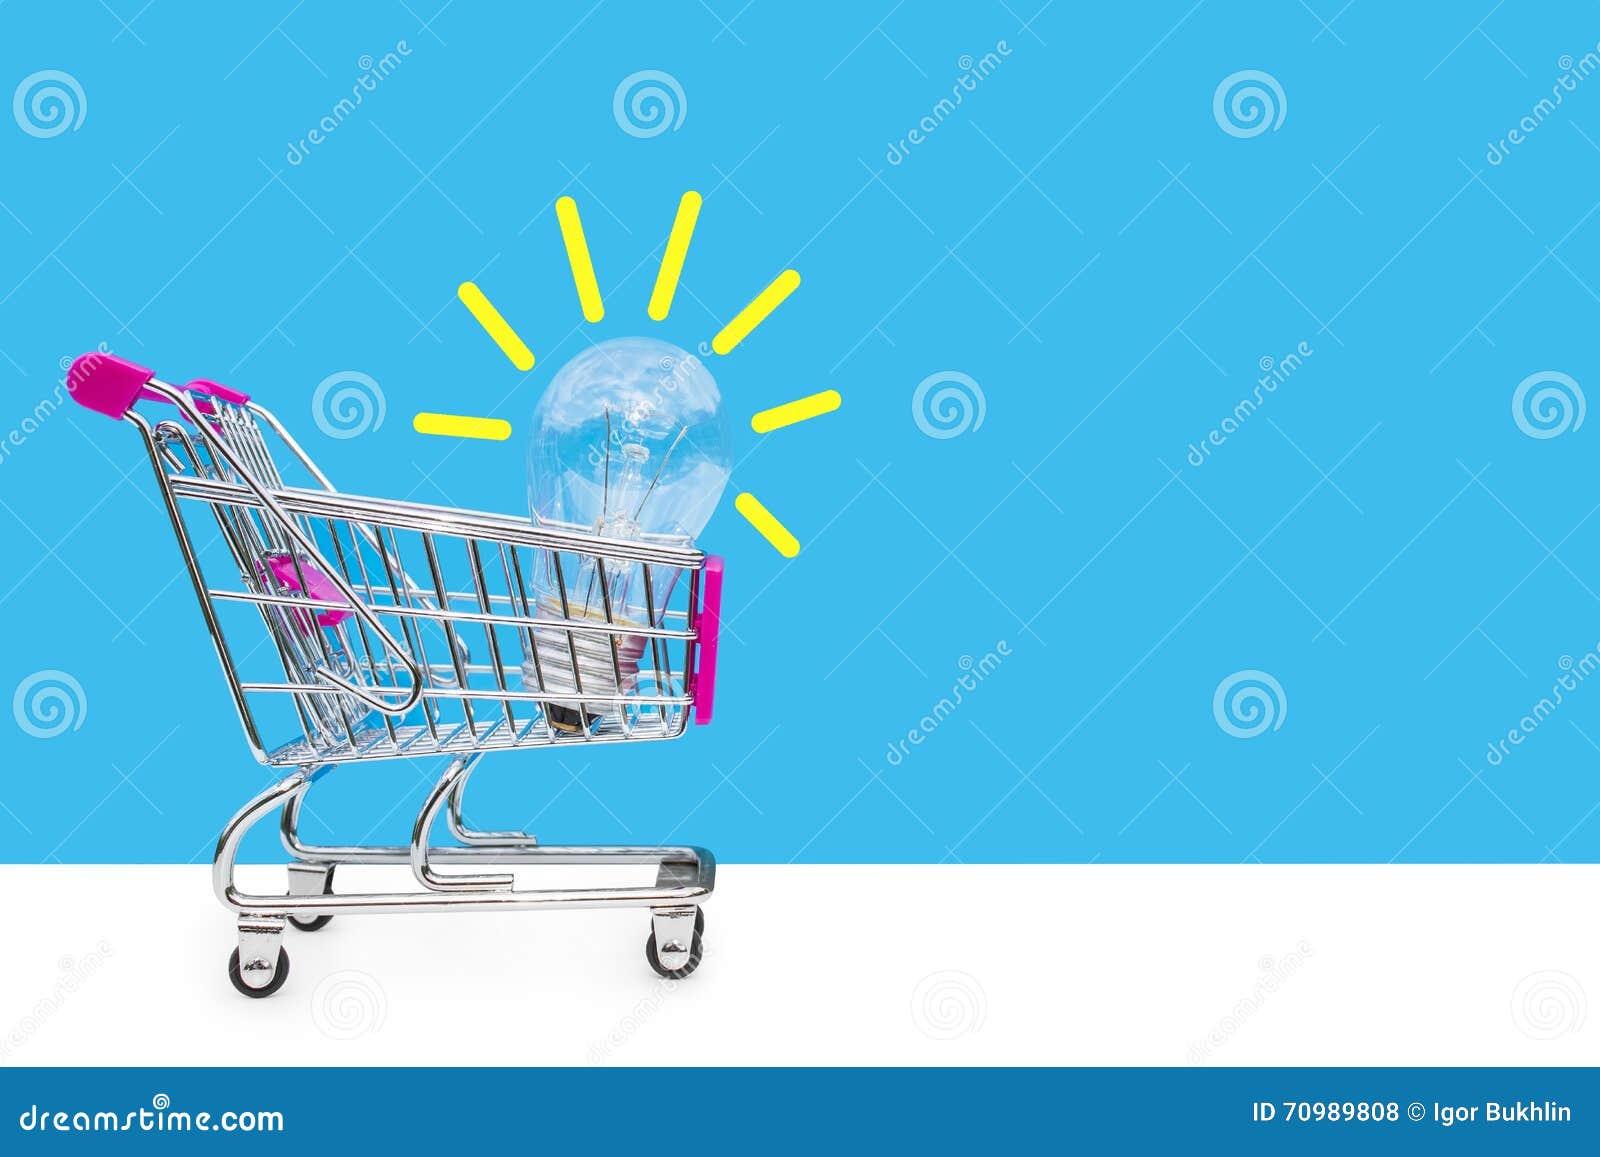 Concetto di idea Nuove idee nel commercio Il concetto di vendita e di acquisto Idee di affari